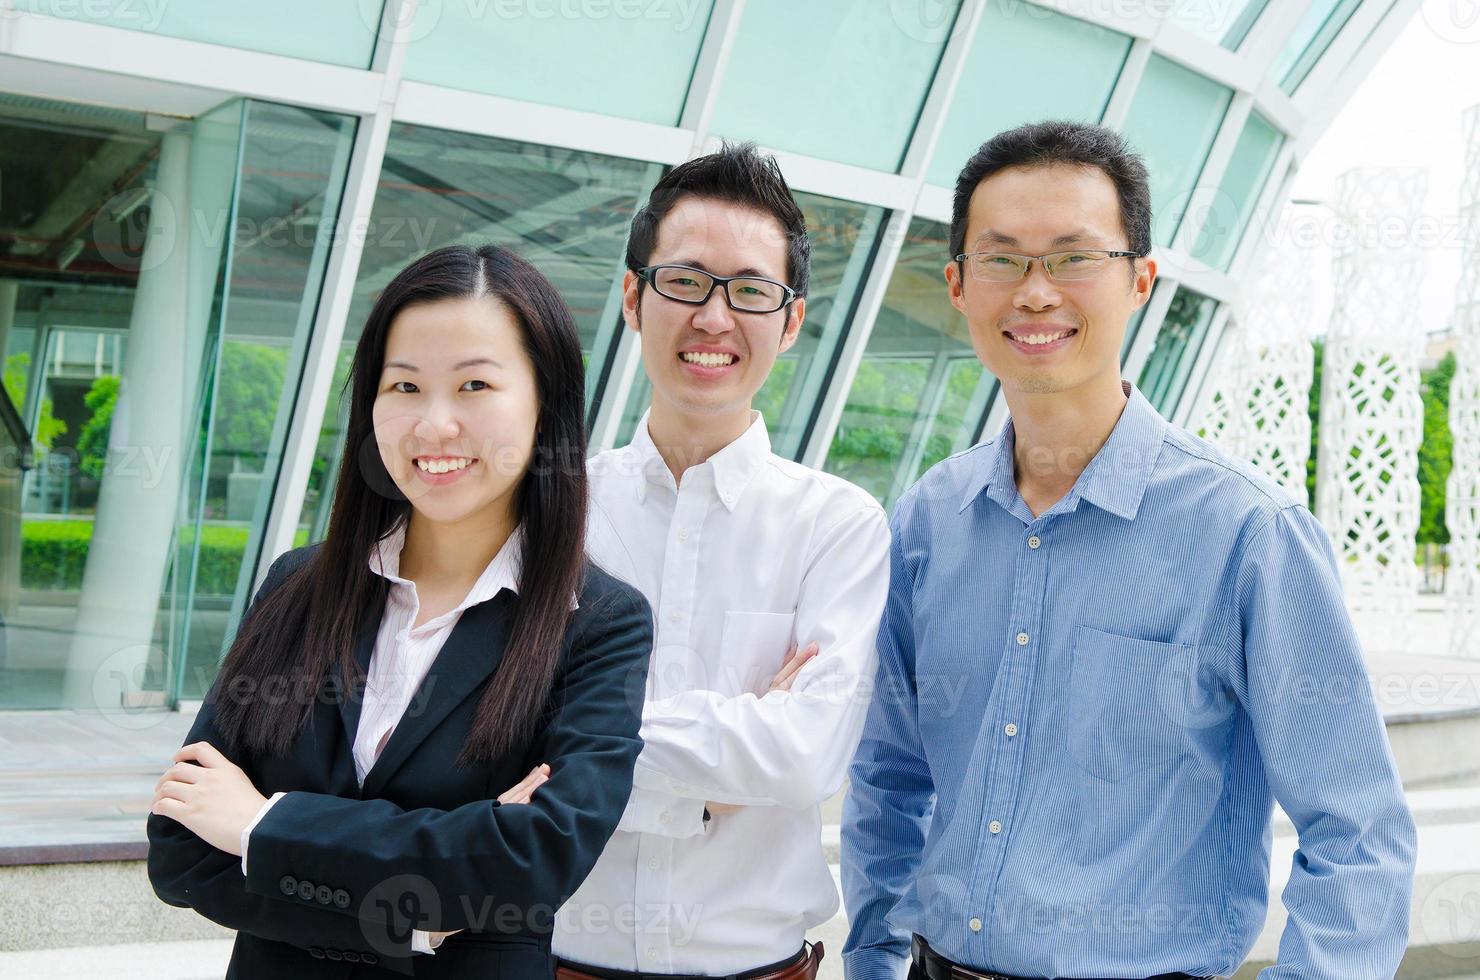 negócios asiáticos foto